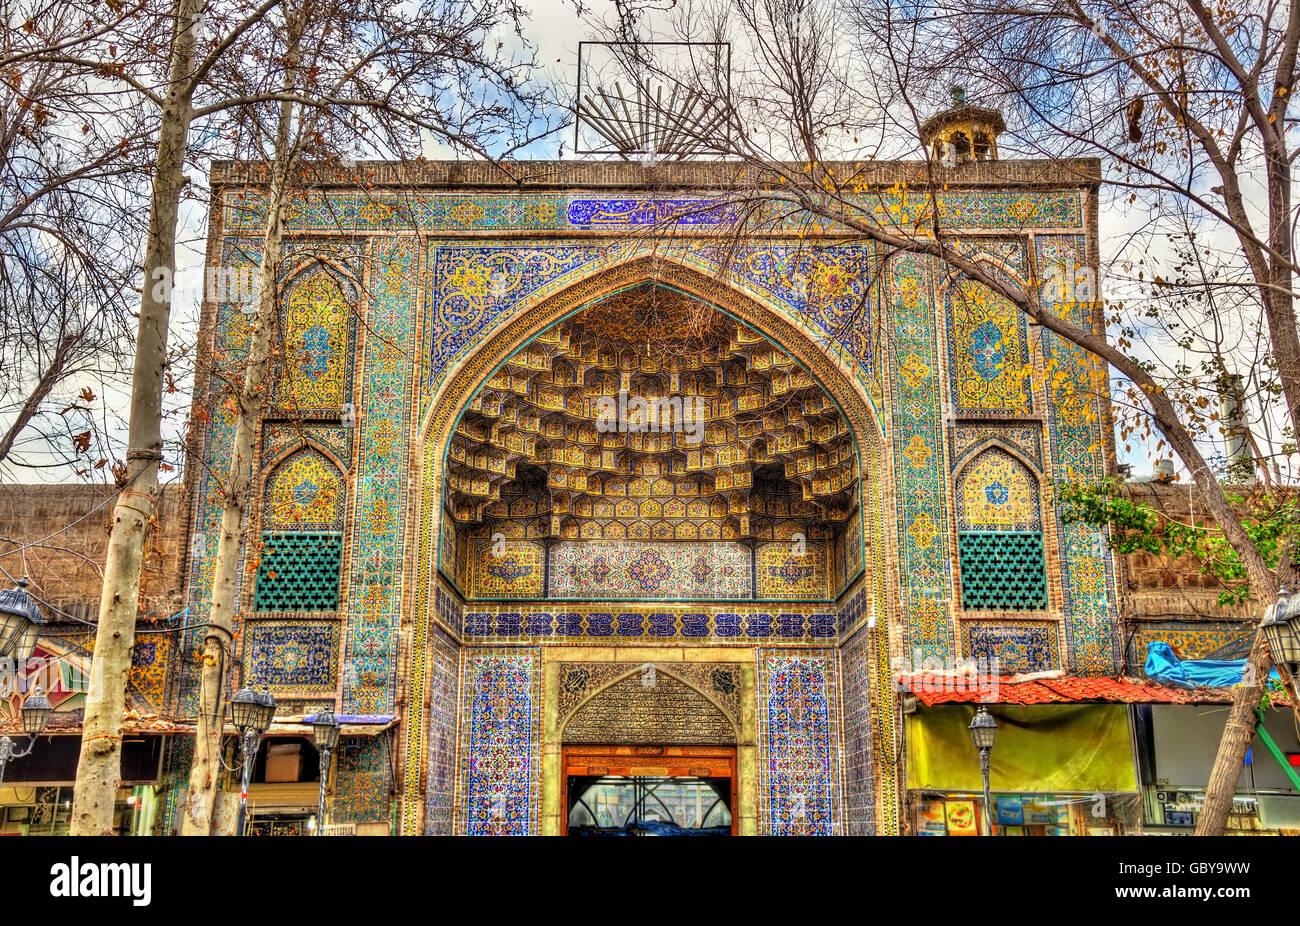 Mosque in Tehran Grand Bazaar - Iran - Stock Image